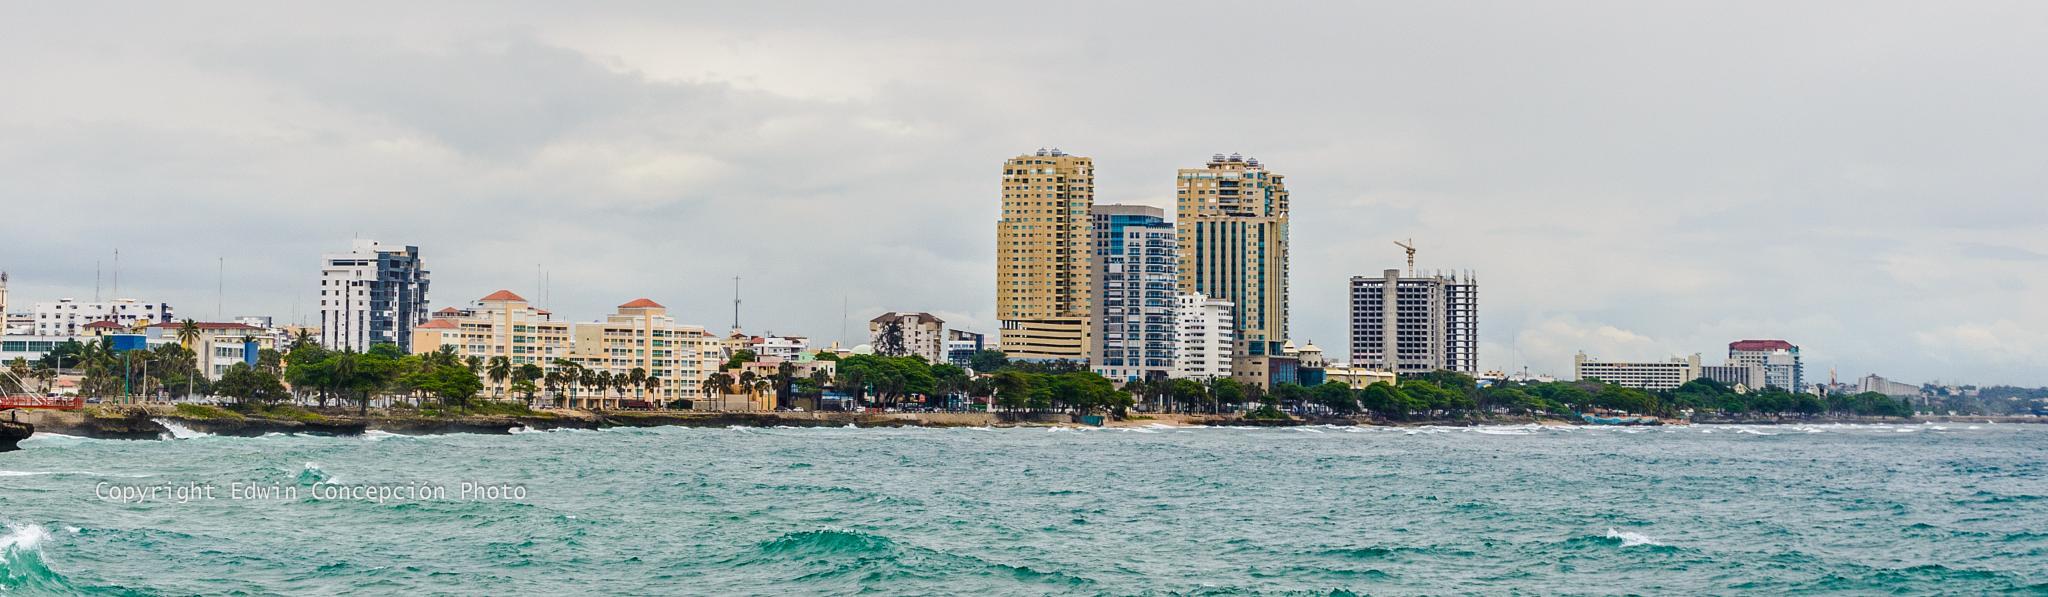 Downtown Santo Domingo by Edwin Concepción